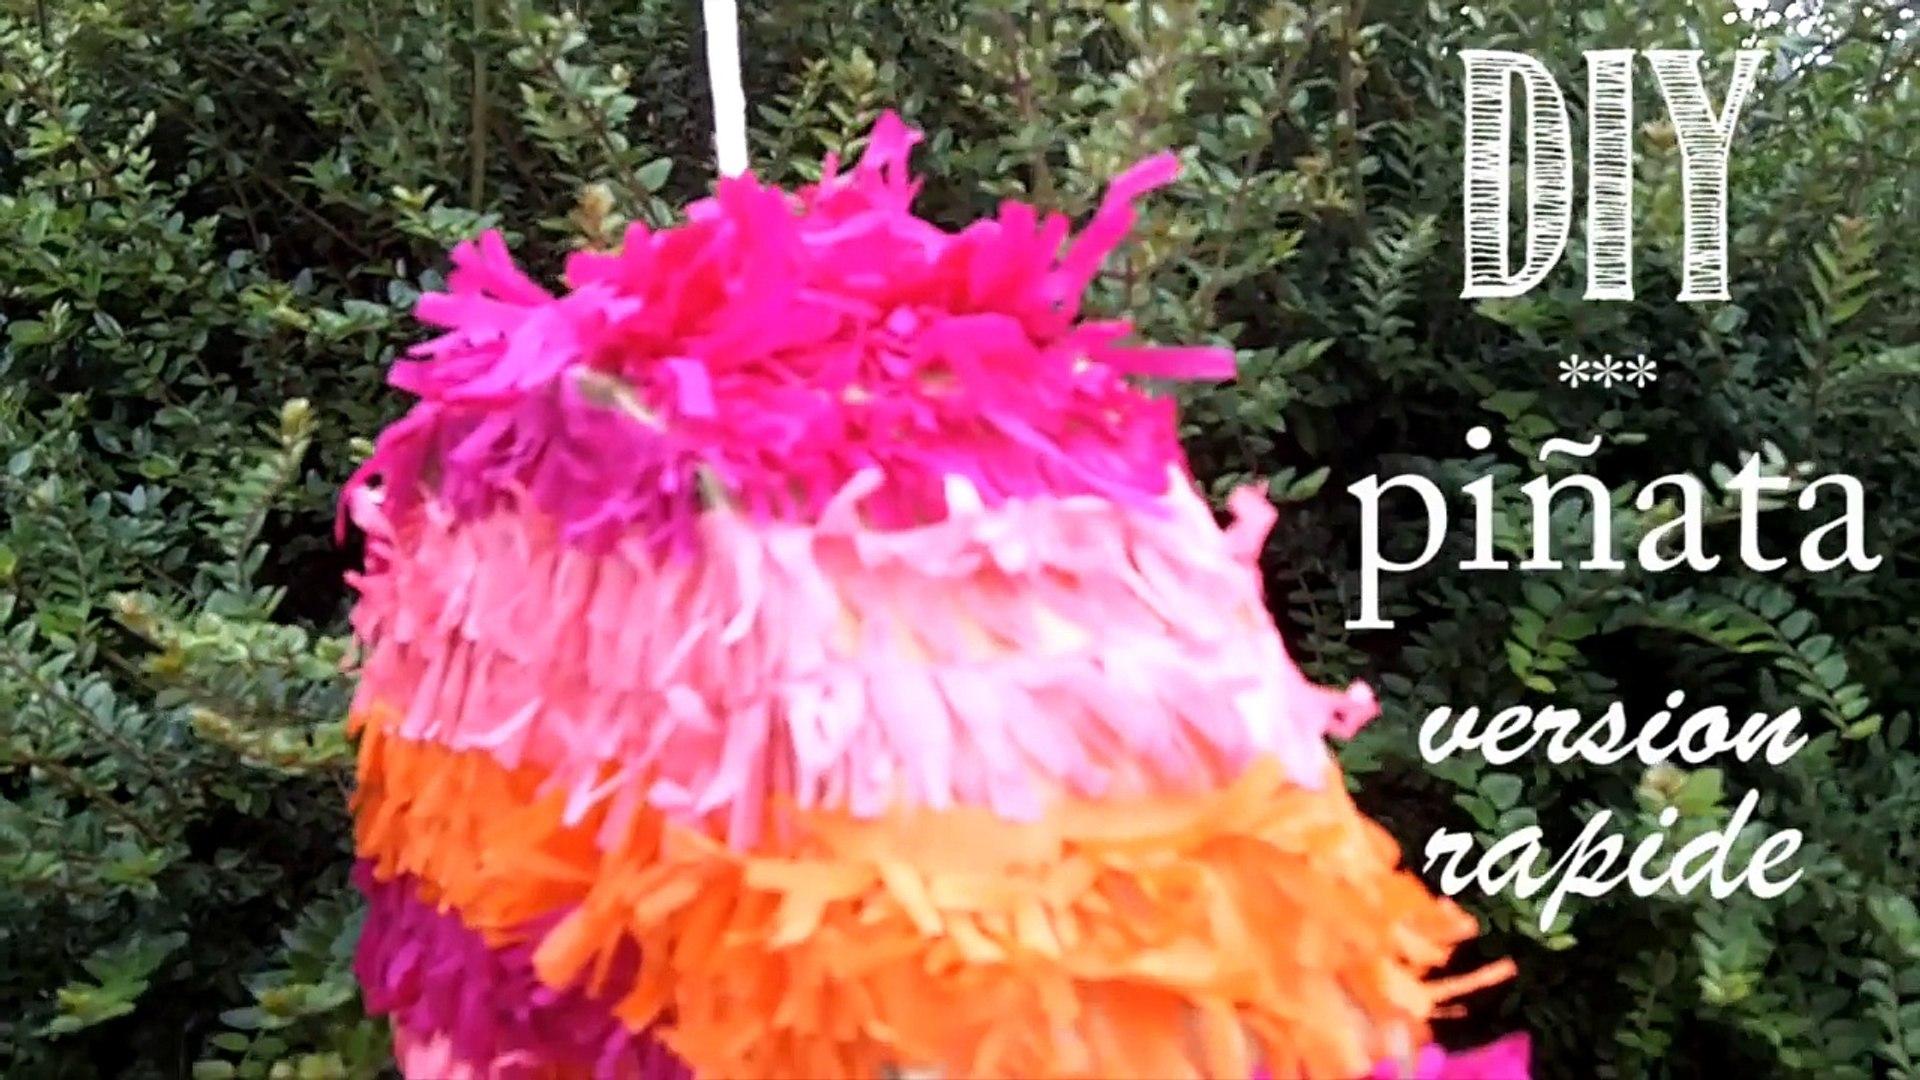 Fabriquer Une Pinata Facile Et Rapide diy tuto: comment faire une piñata, version rapide.